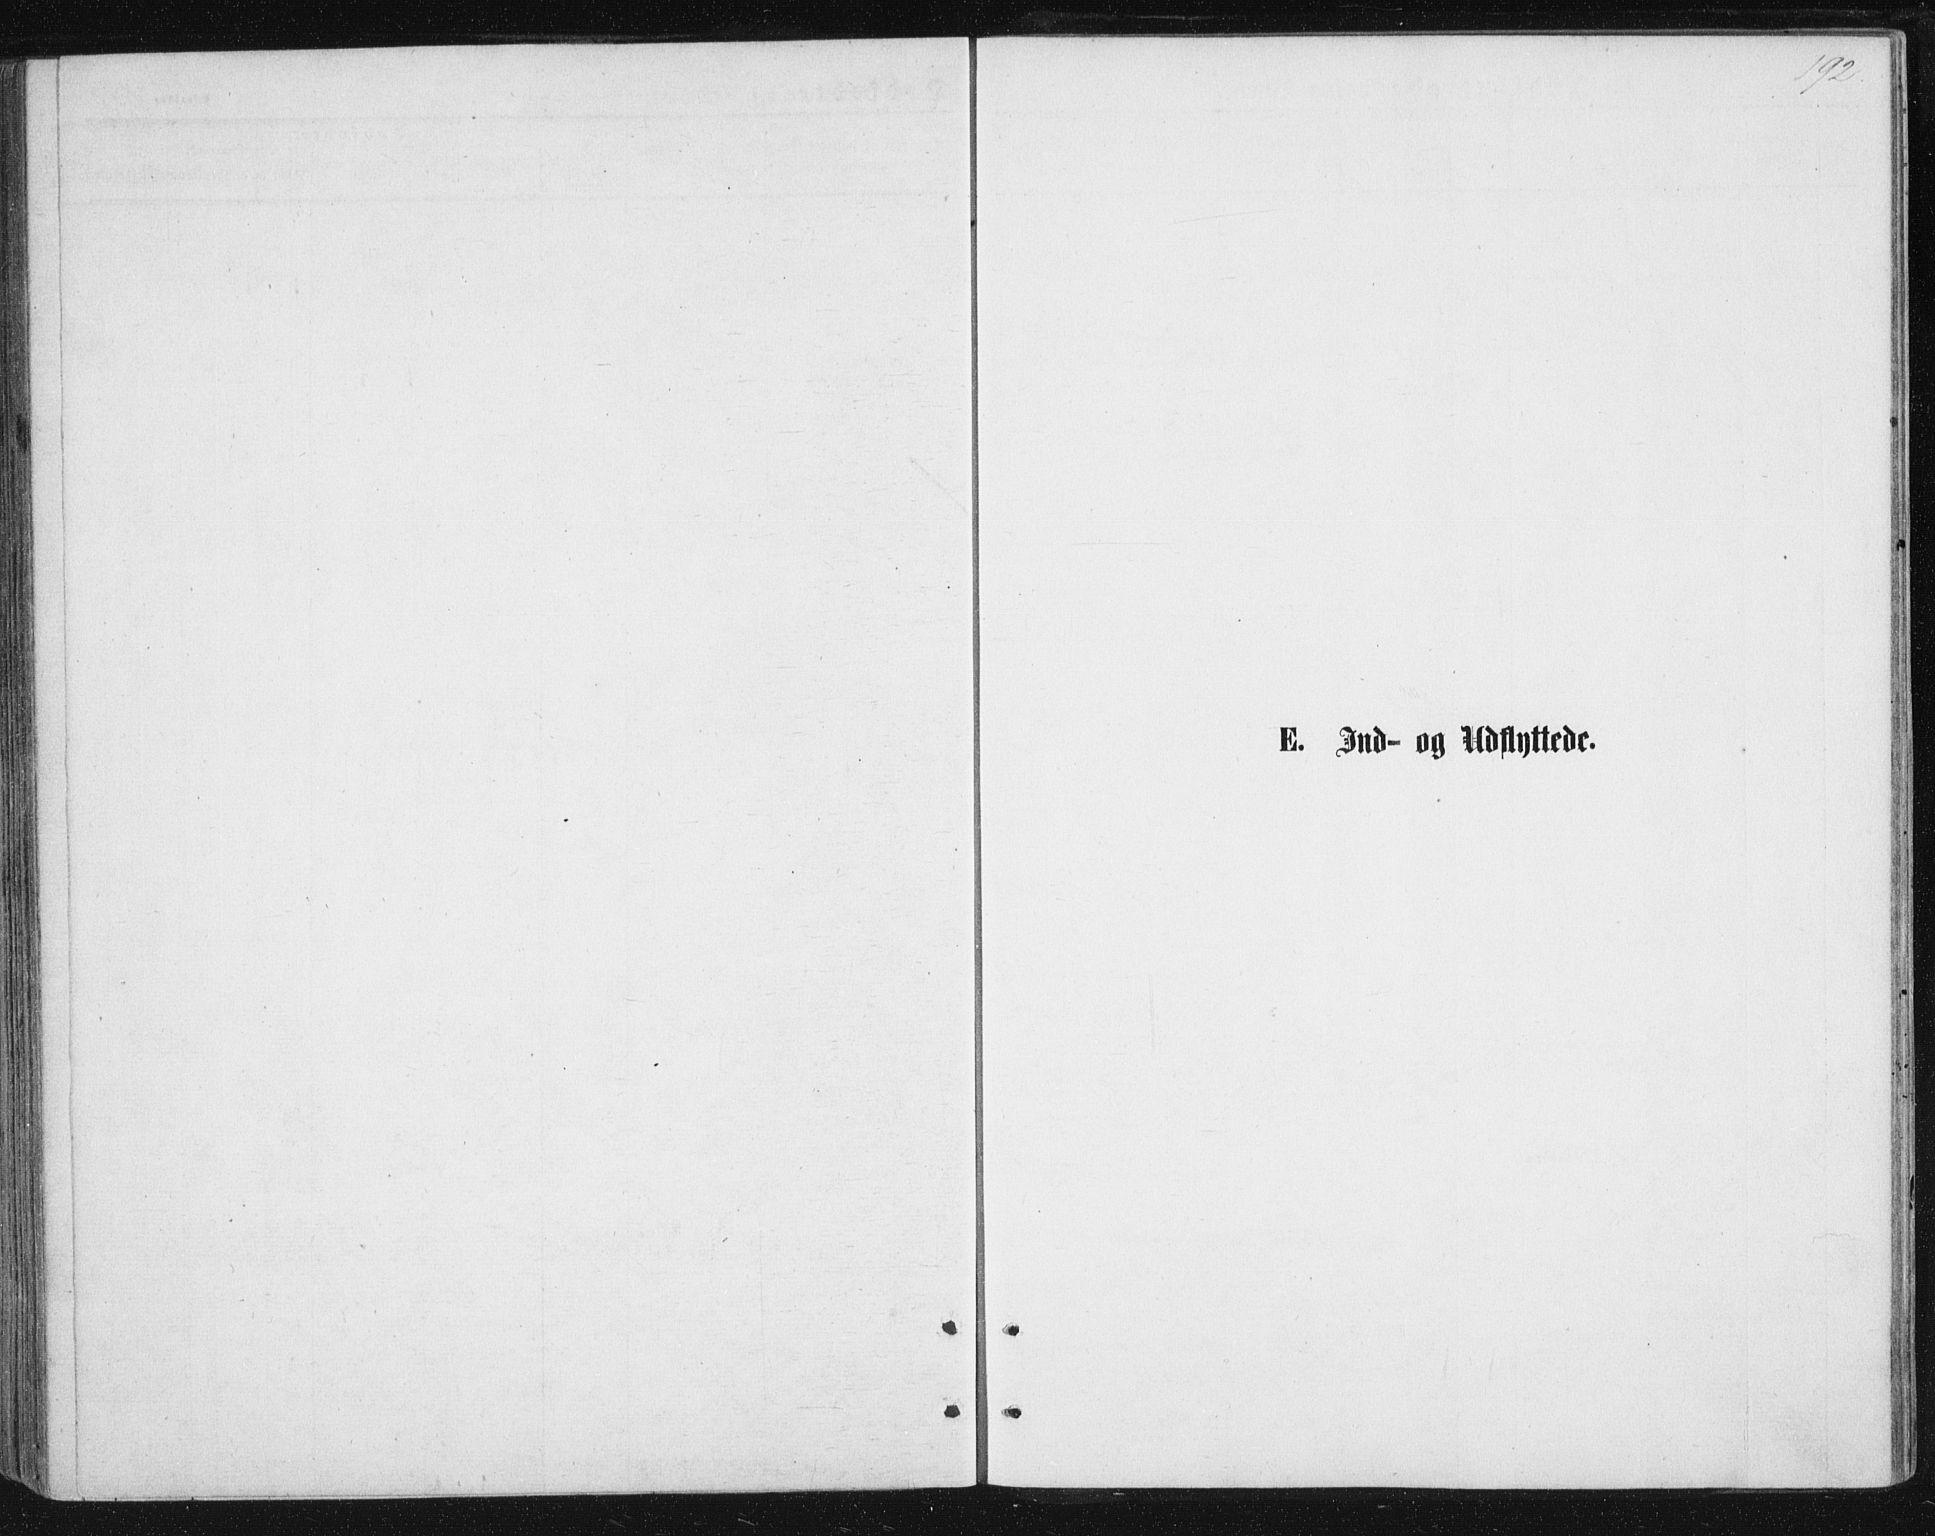 SAT, Ministerialprotokoller, klokkerbøker og fødselsregistre - Nordland, 888/L1243: Parish register (official) no. 888A09, 1876-1879, p. 192